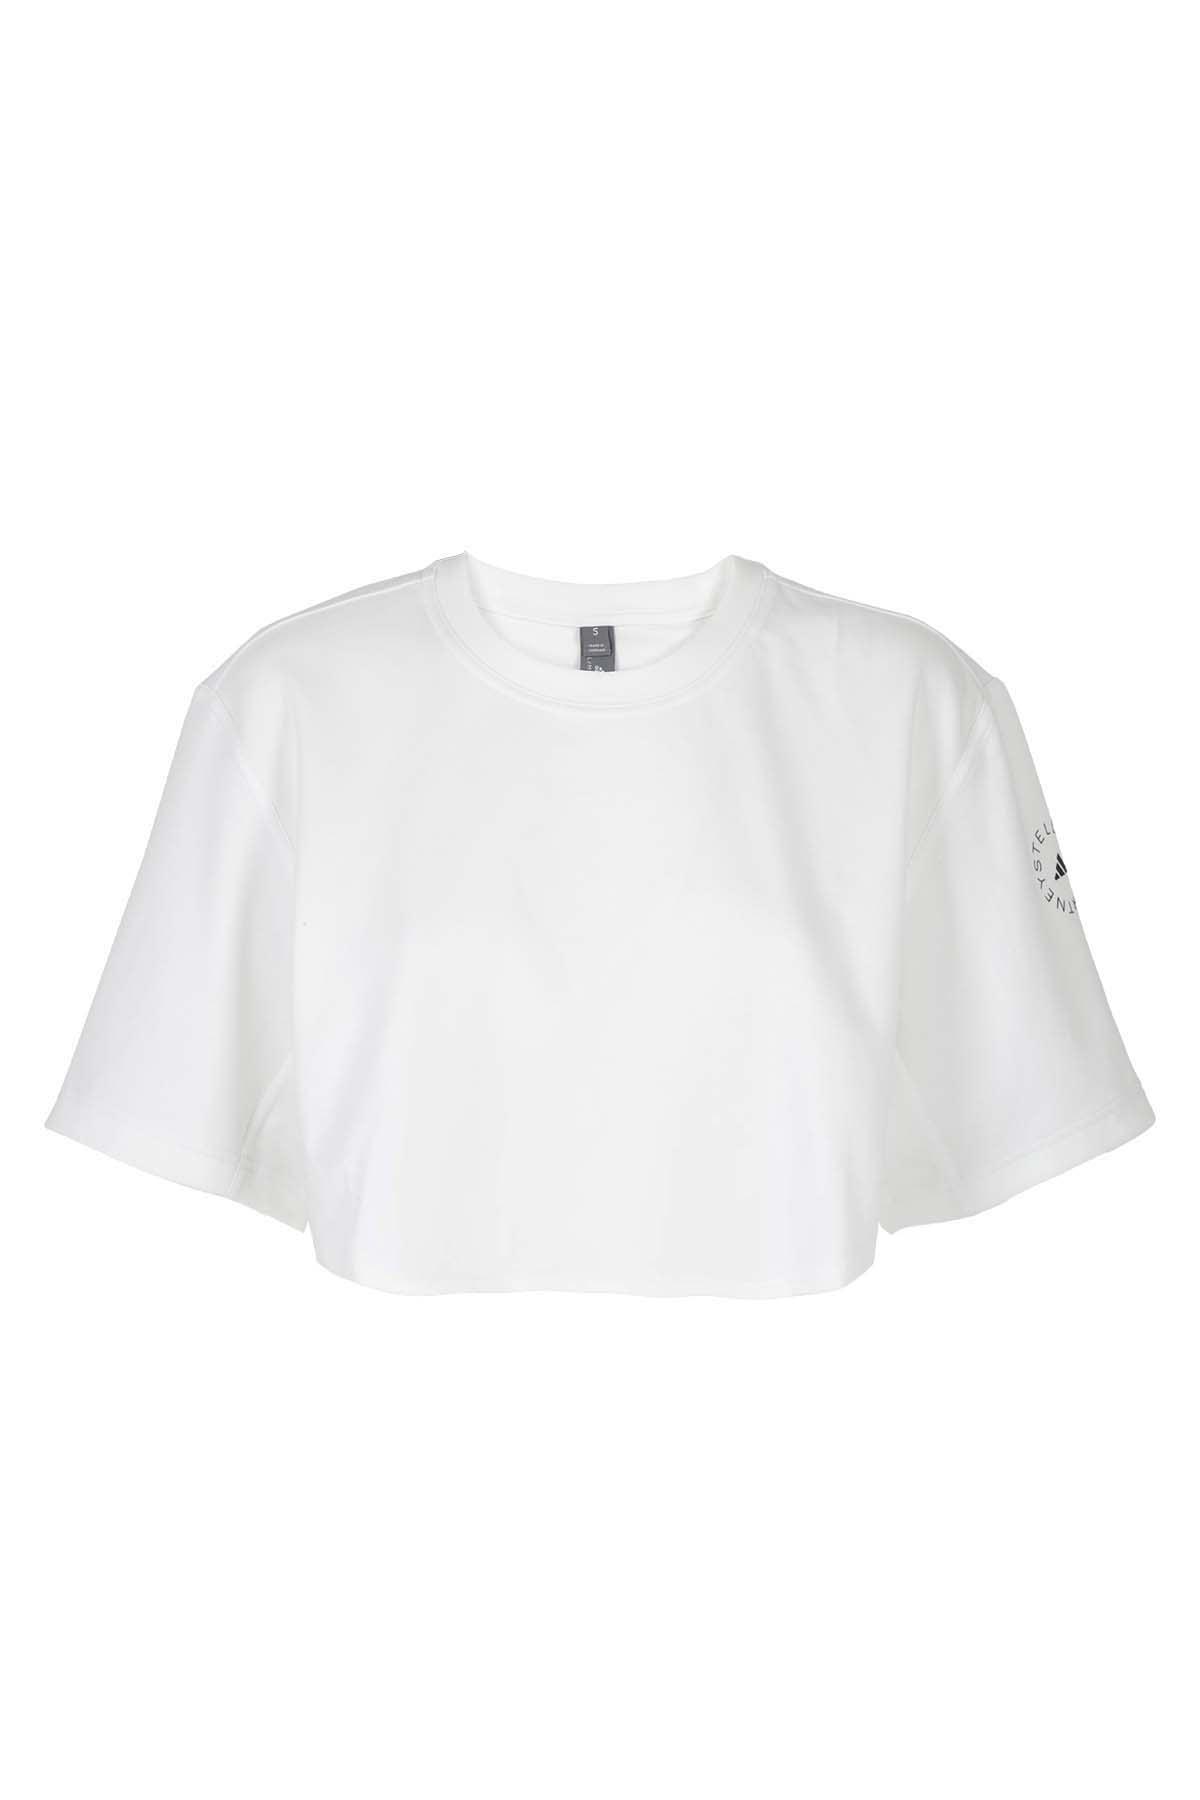 Adidas By Stella Mccartney Cottons T-SHIRT